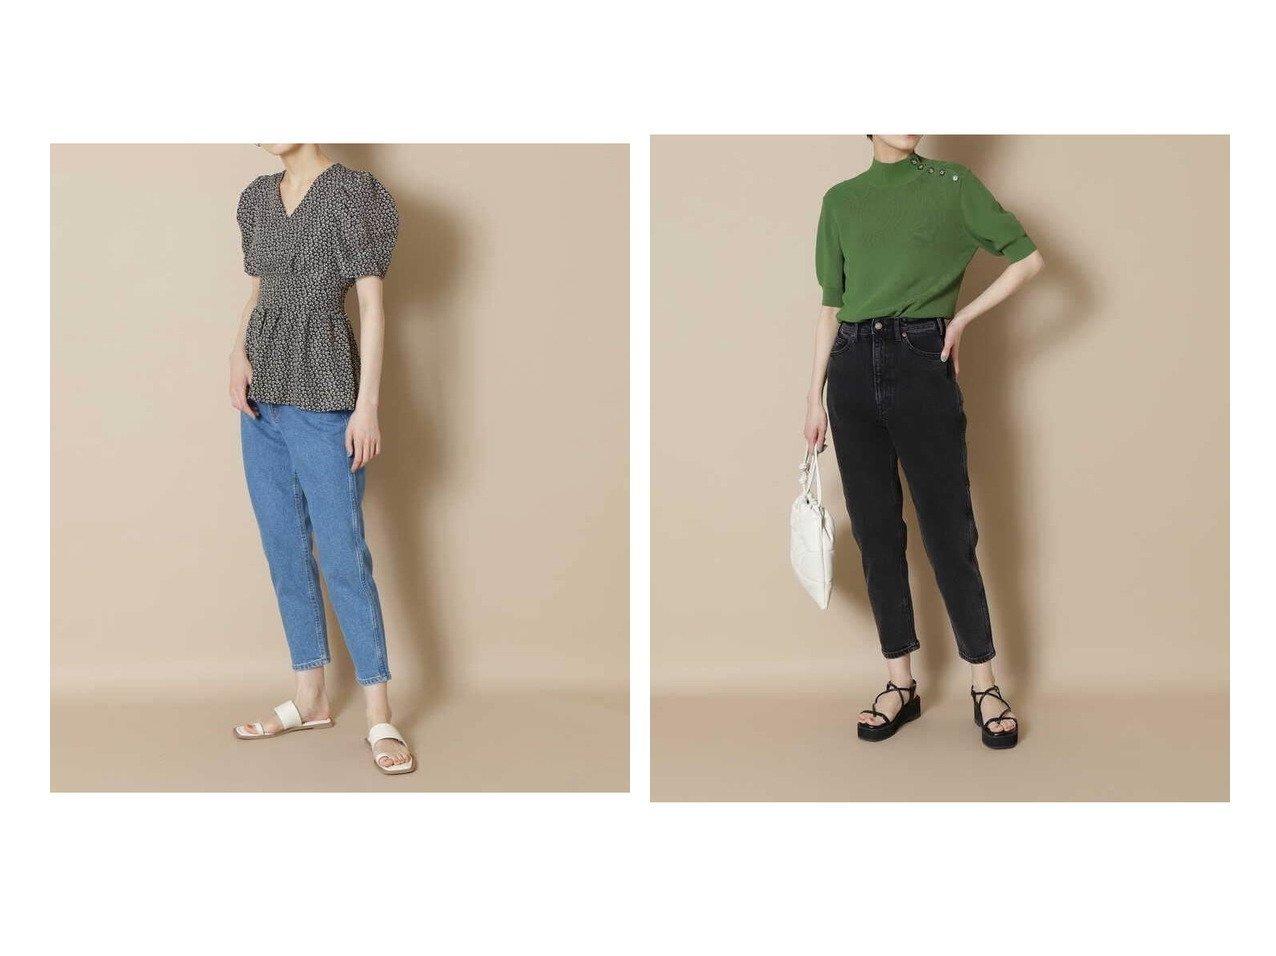 【N.Natural Beauty basic/エヌ ナチュラルビューティーベーシック】の【EDWIN】MOM S DENIM デニムパンツ 【パンツ】おすすめ!人気、トレンド・レディースファッションの通販 おすすめで人気の流行・トレンド、ファッションの通販商品 インテリア・家具・メンズファッション・キッズファッション・レディースファッション・服の通販 founy(ファニー) https://founy.com/ ファッション Fashion レディースファッション WOMEN パンツ Pants デニムパンツ Denim Pants スリム デニム ロング |ID:crp329100000053119